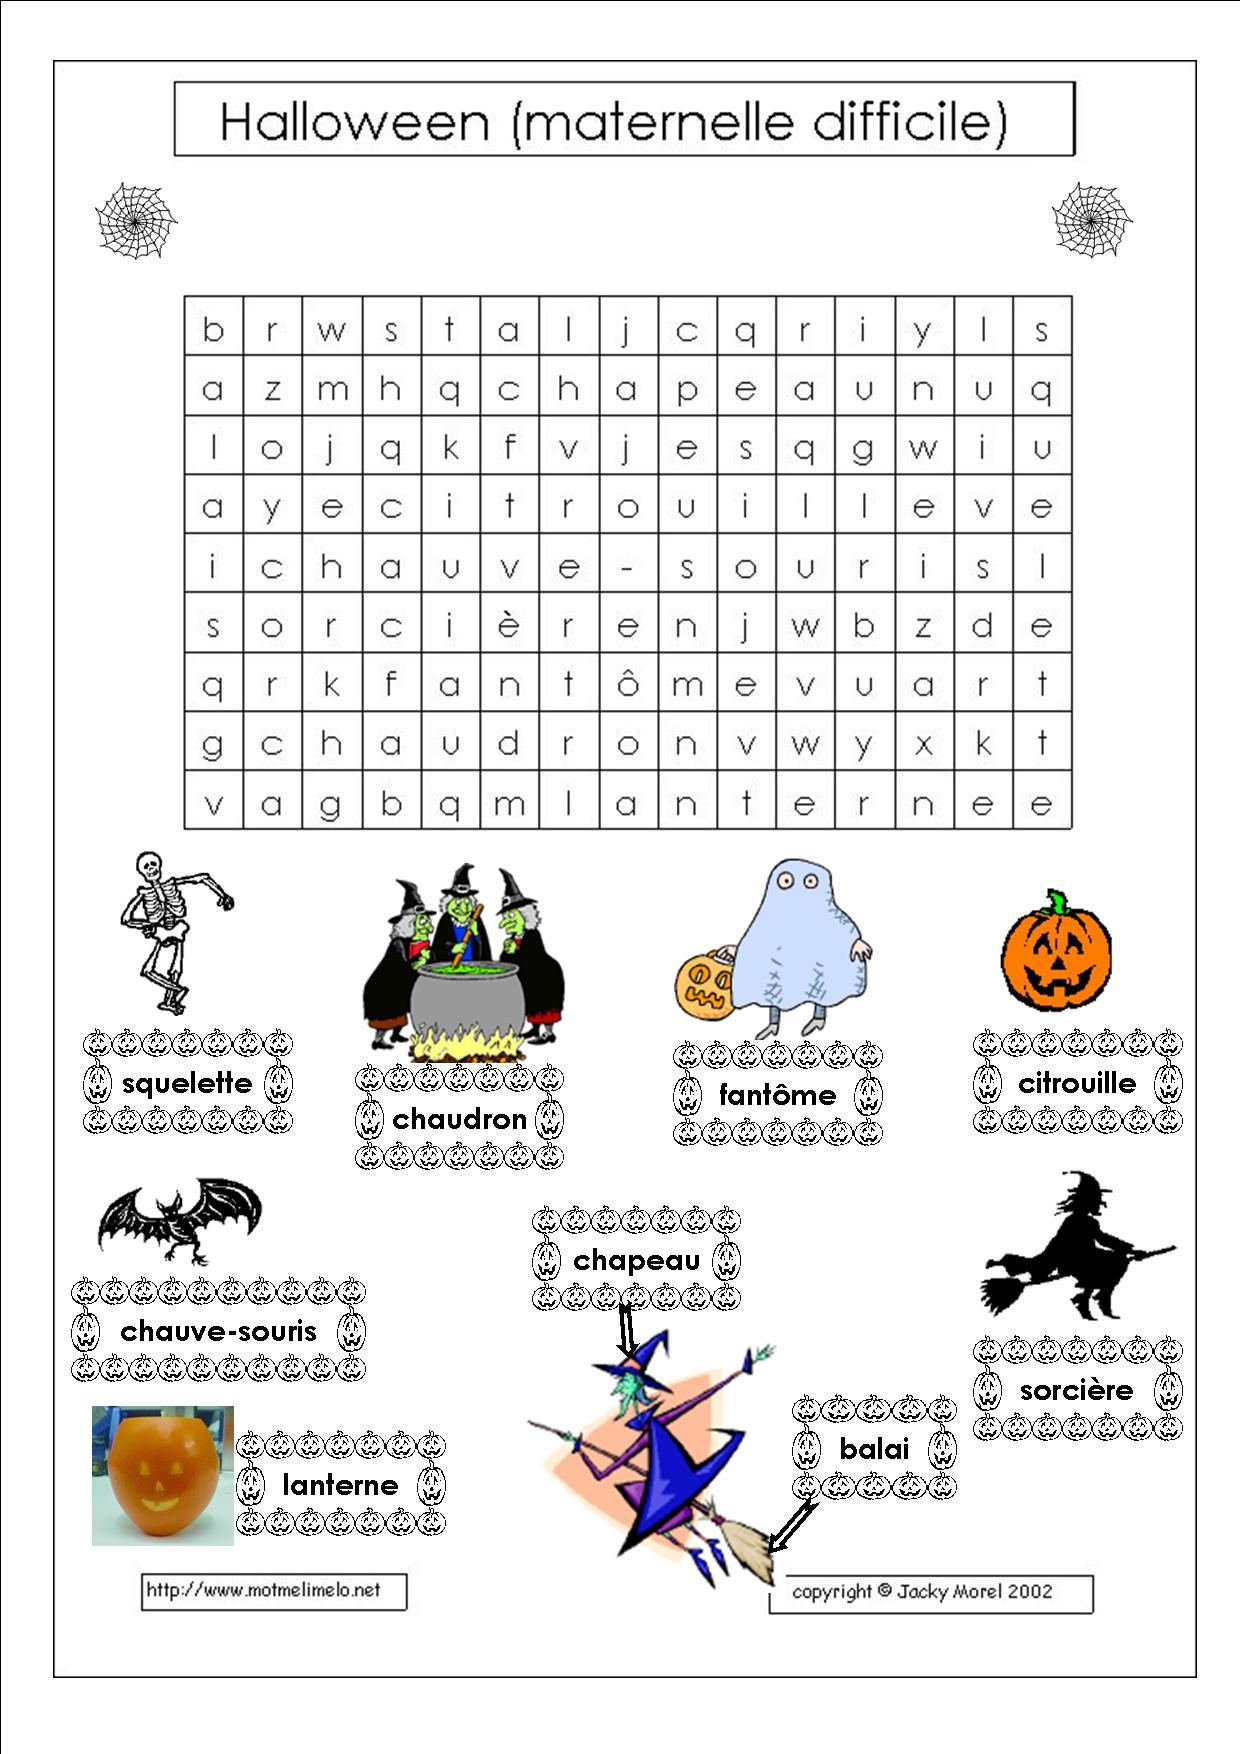 Halloween ritamoutarde en clis - Creer une grille de mots croises en ligne ...